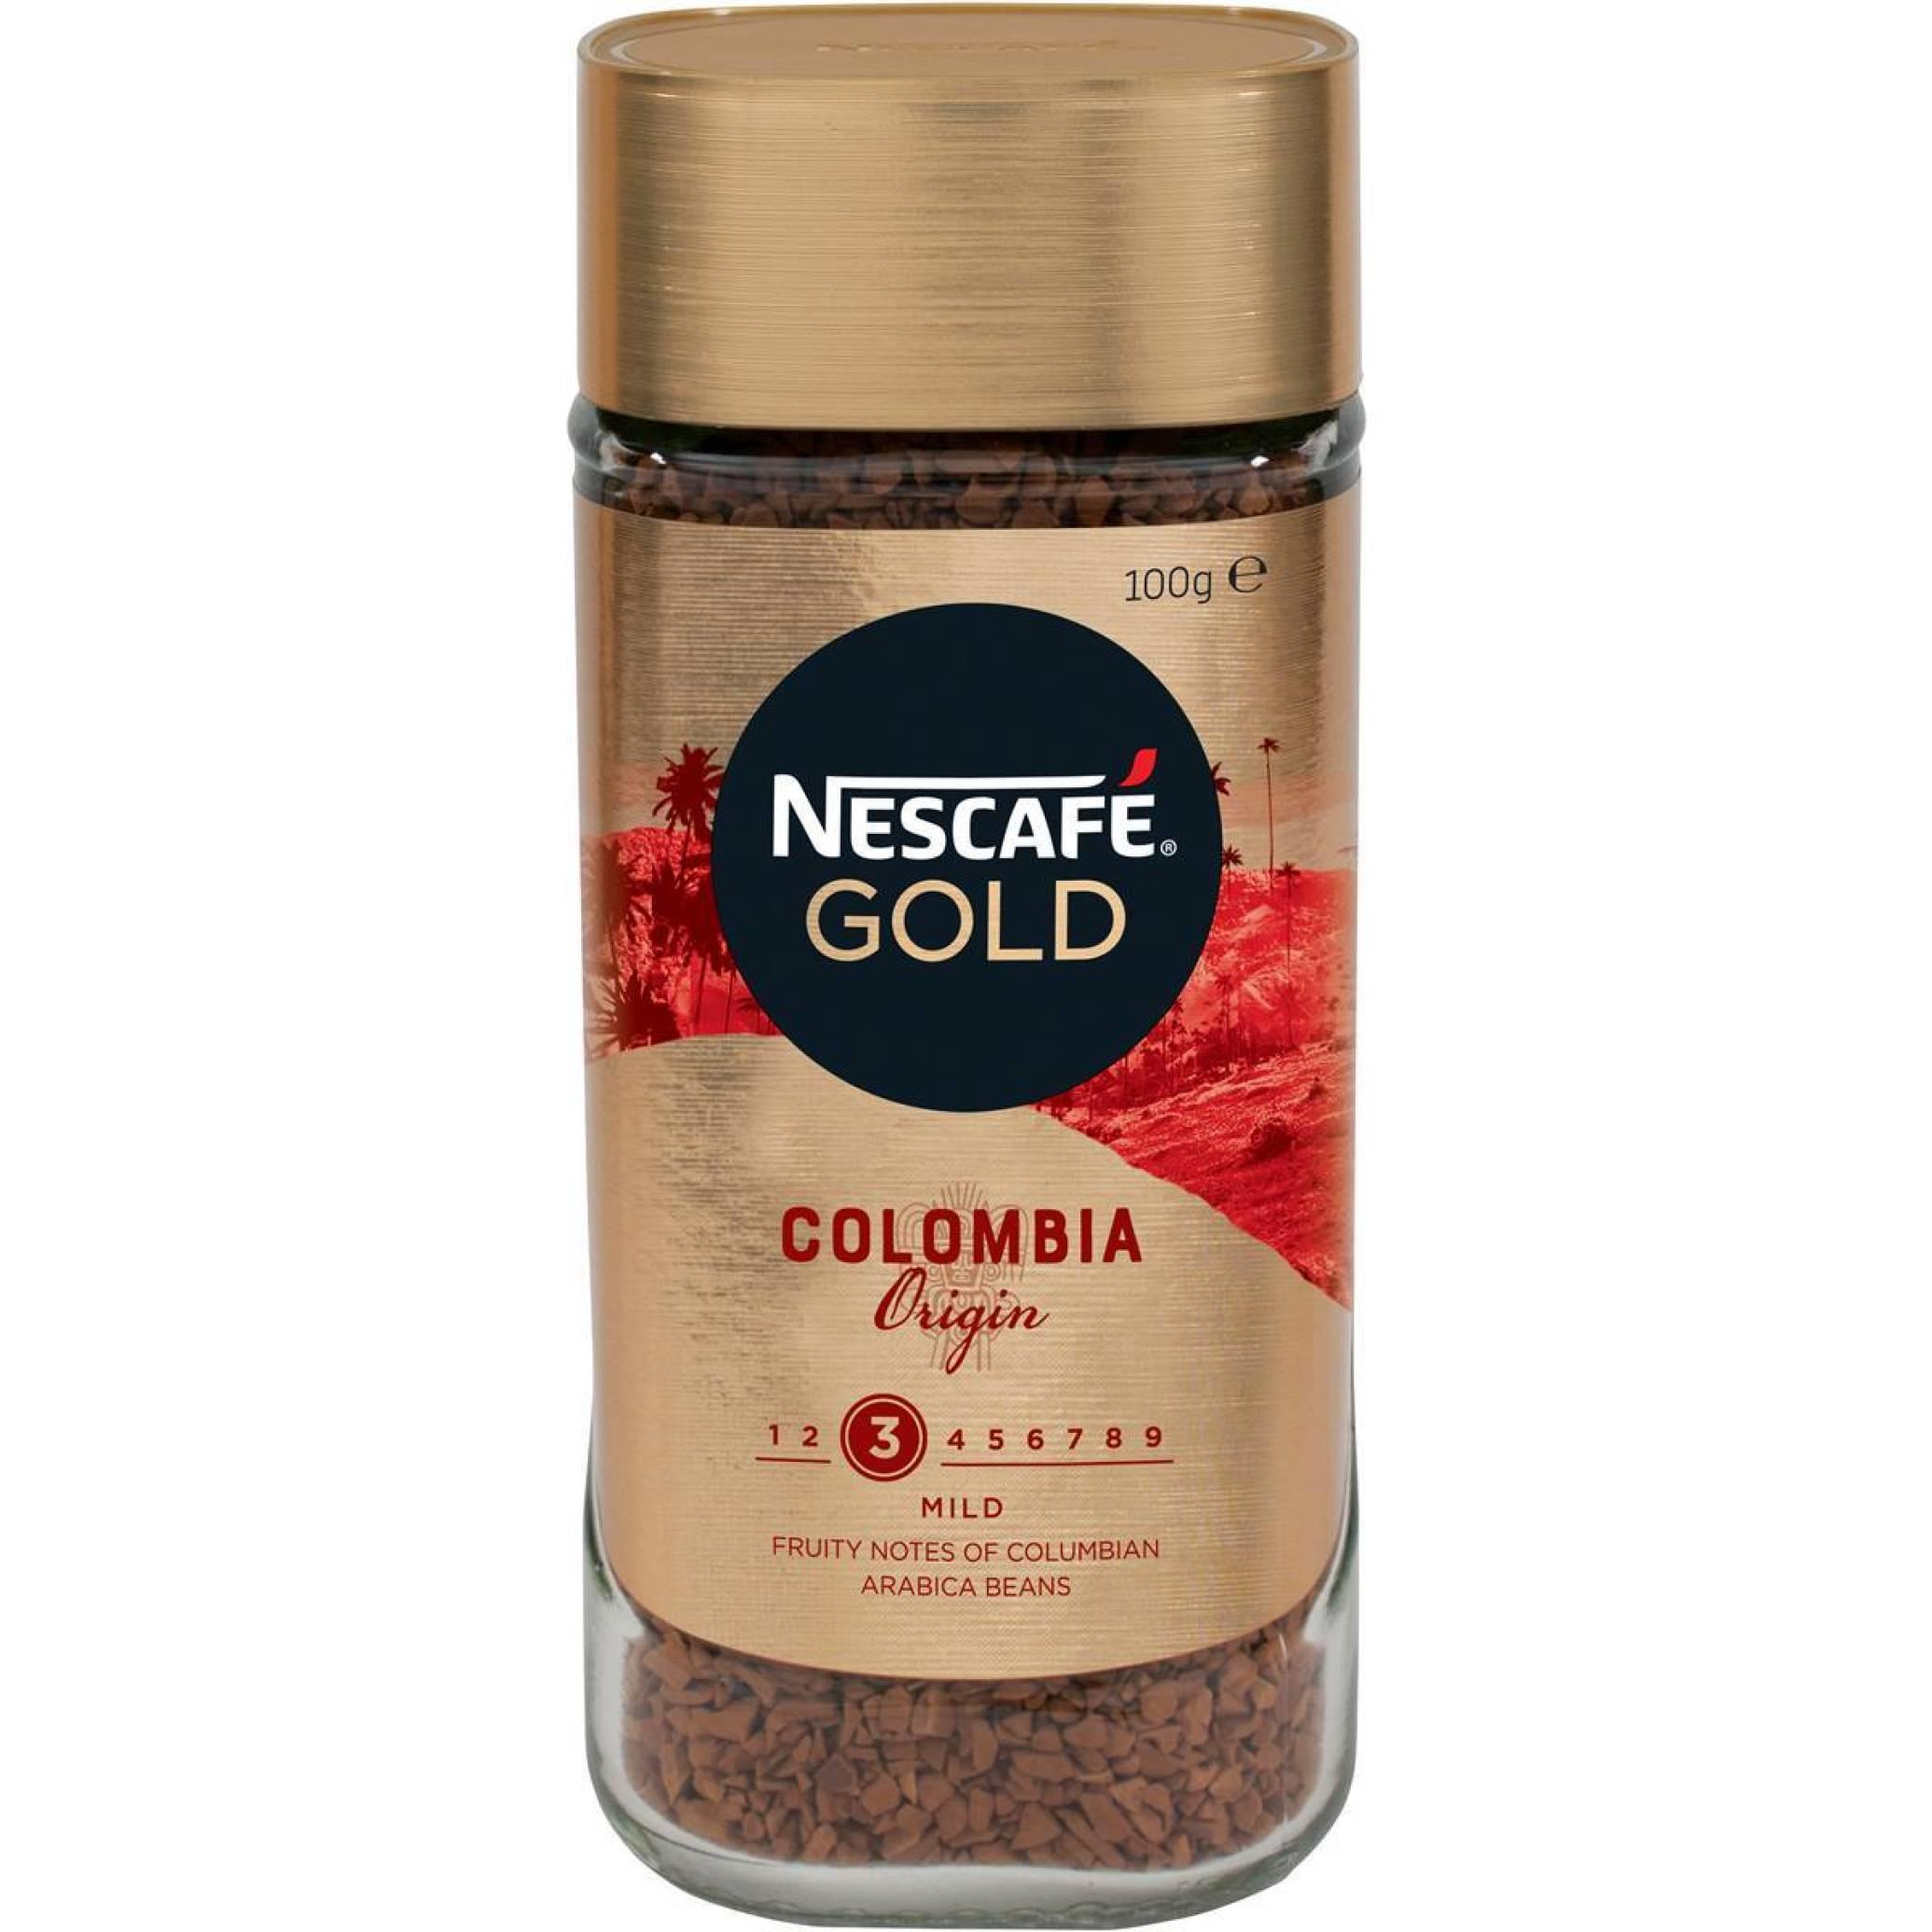 خرید اینترنتی قهوه فوری نسکافه گلد مدل origins مقدار 100 گرمی مرجع تخصصی چیپس میوه و خشکبار قهوه دمنوش چای وجیسنک